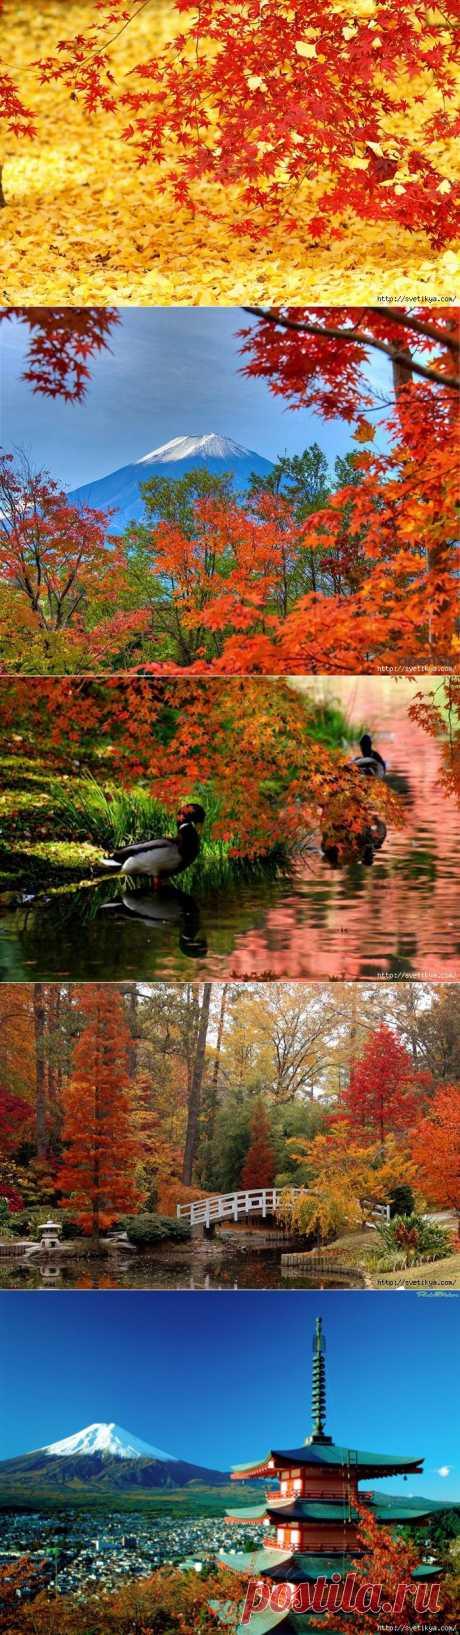 Осенью в Японии начинается сезон момидзи. В русском языке закрепилось два значения этого слова. Это, во-первых, название японского клёна, а во-вторых, так называют любование осенней листвой. Это очень важная японская традиция, такая же как любование сакурой весной.